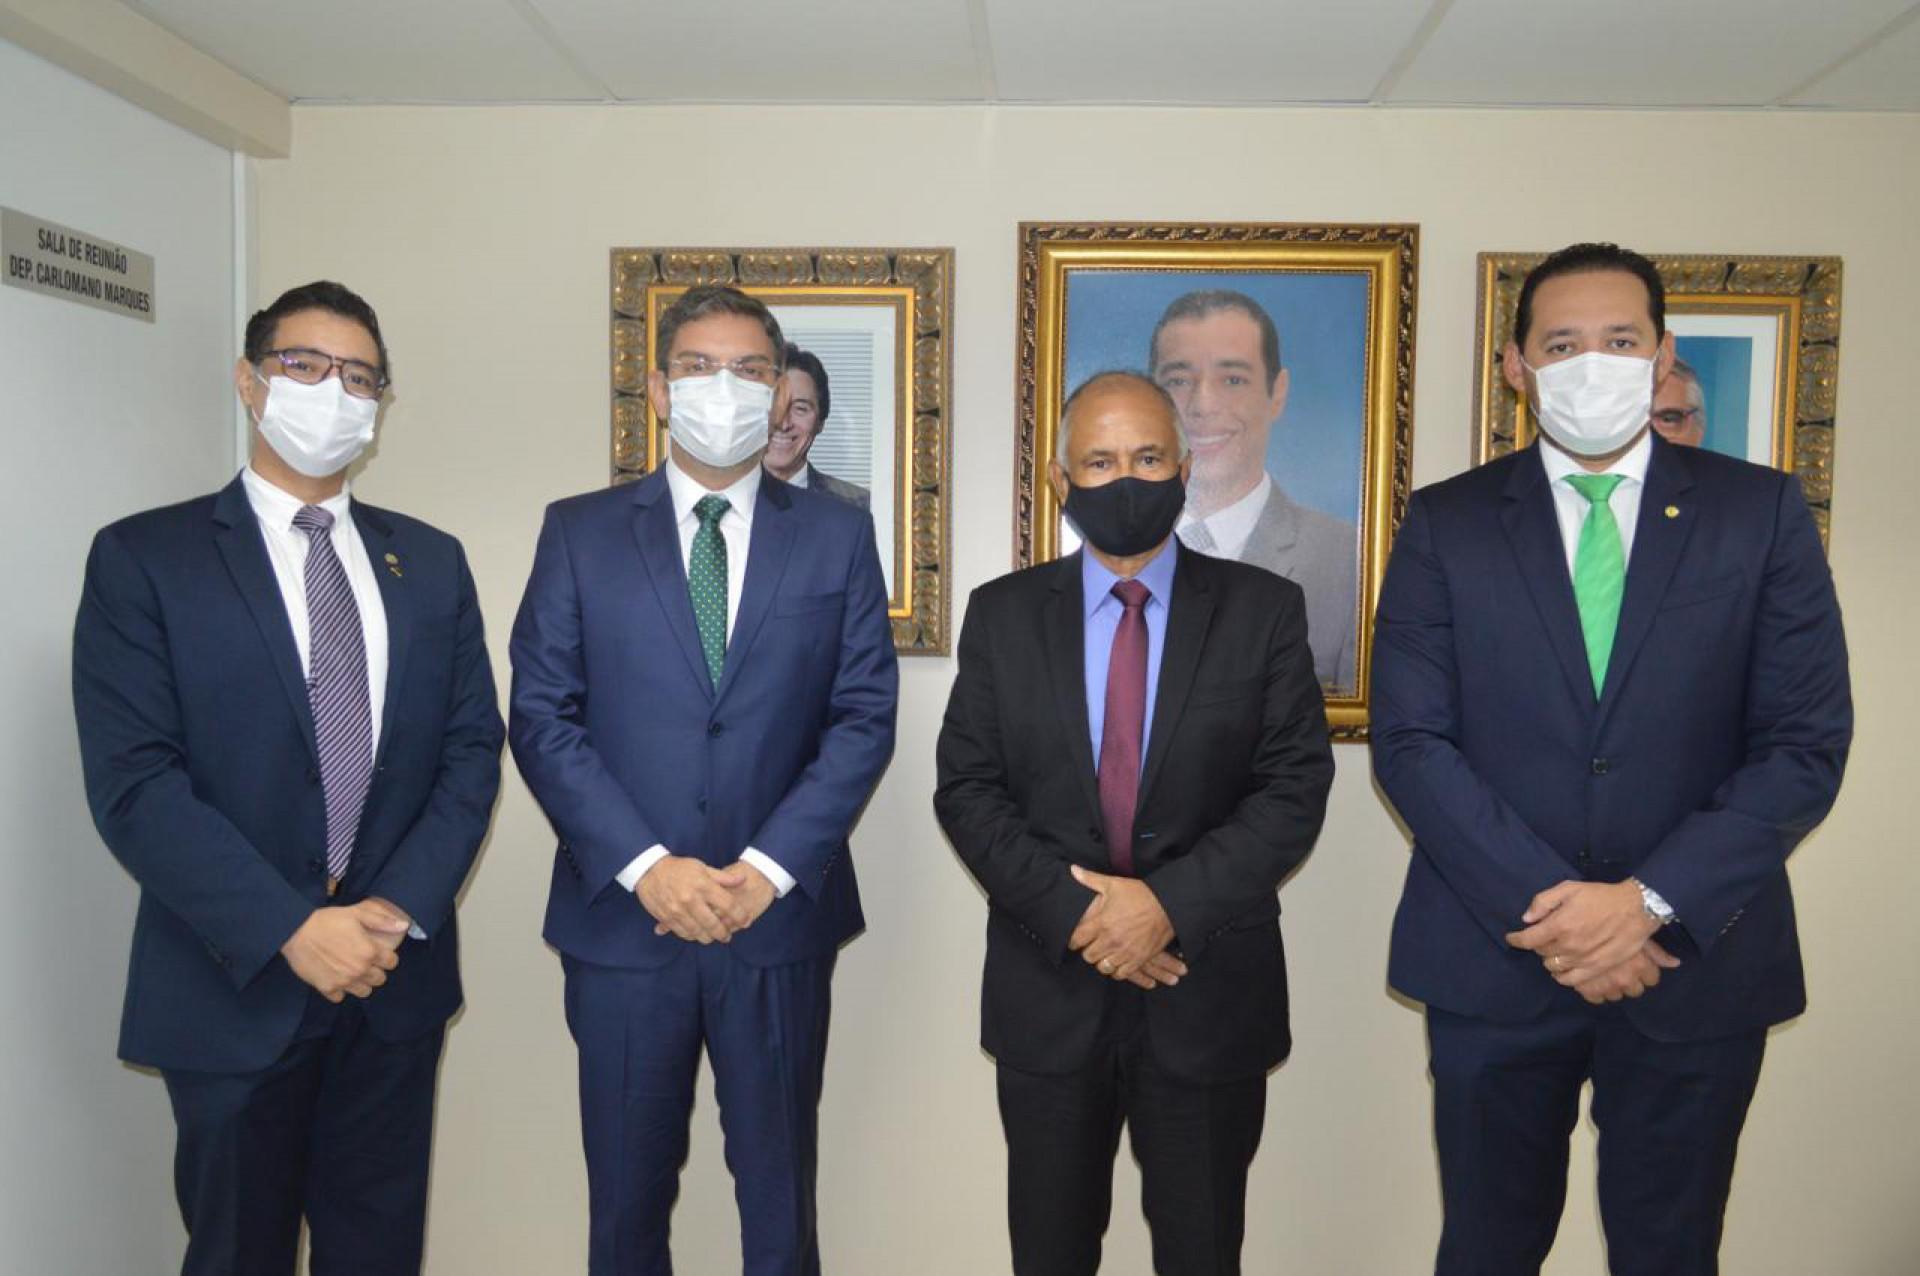 Gelson Ferraz e Rafael Branco tomam posse e defendem nome de Eunício para Governo ou Senado